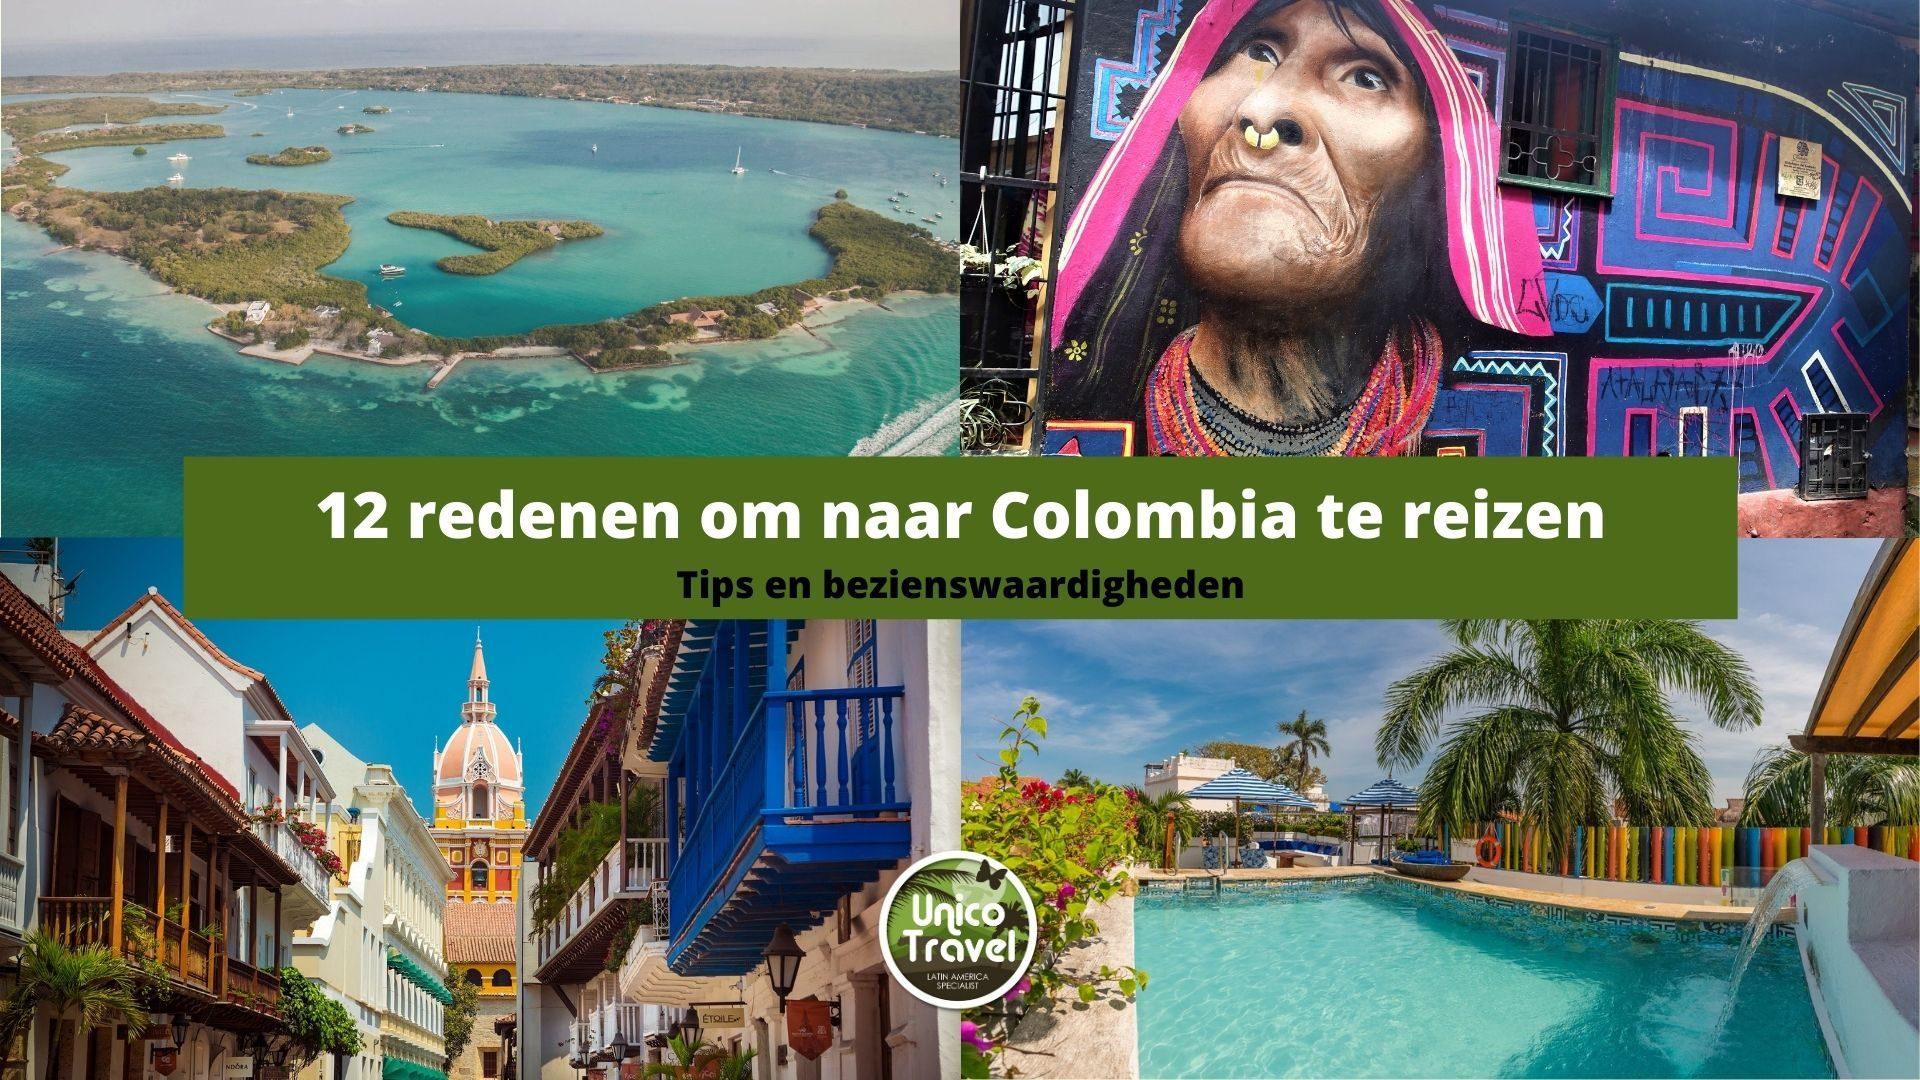 12 redenen om naar colombia te reizen